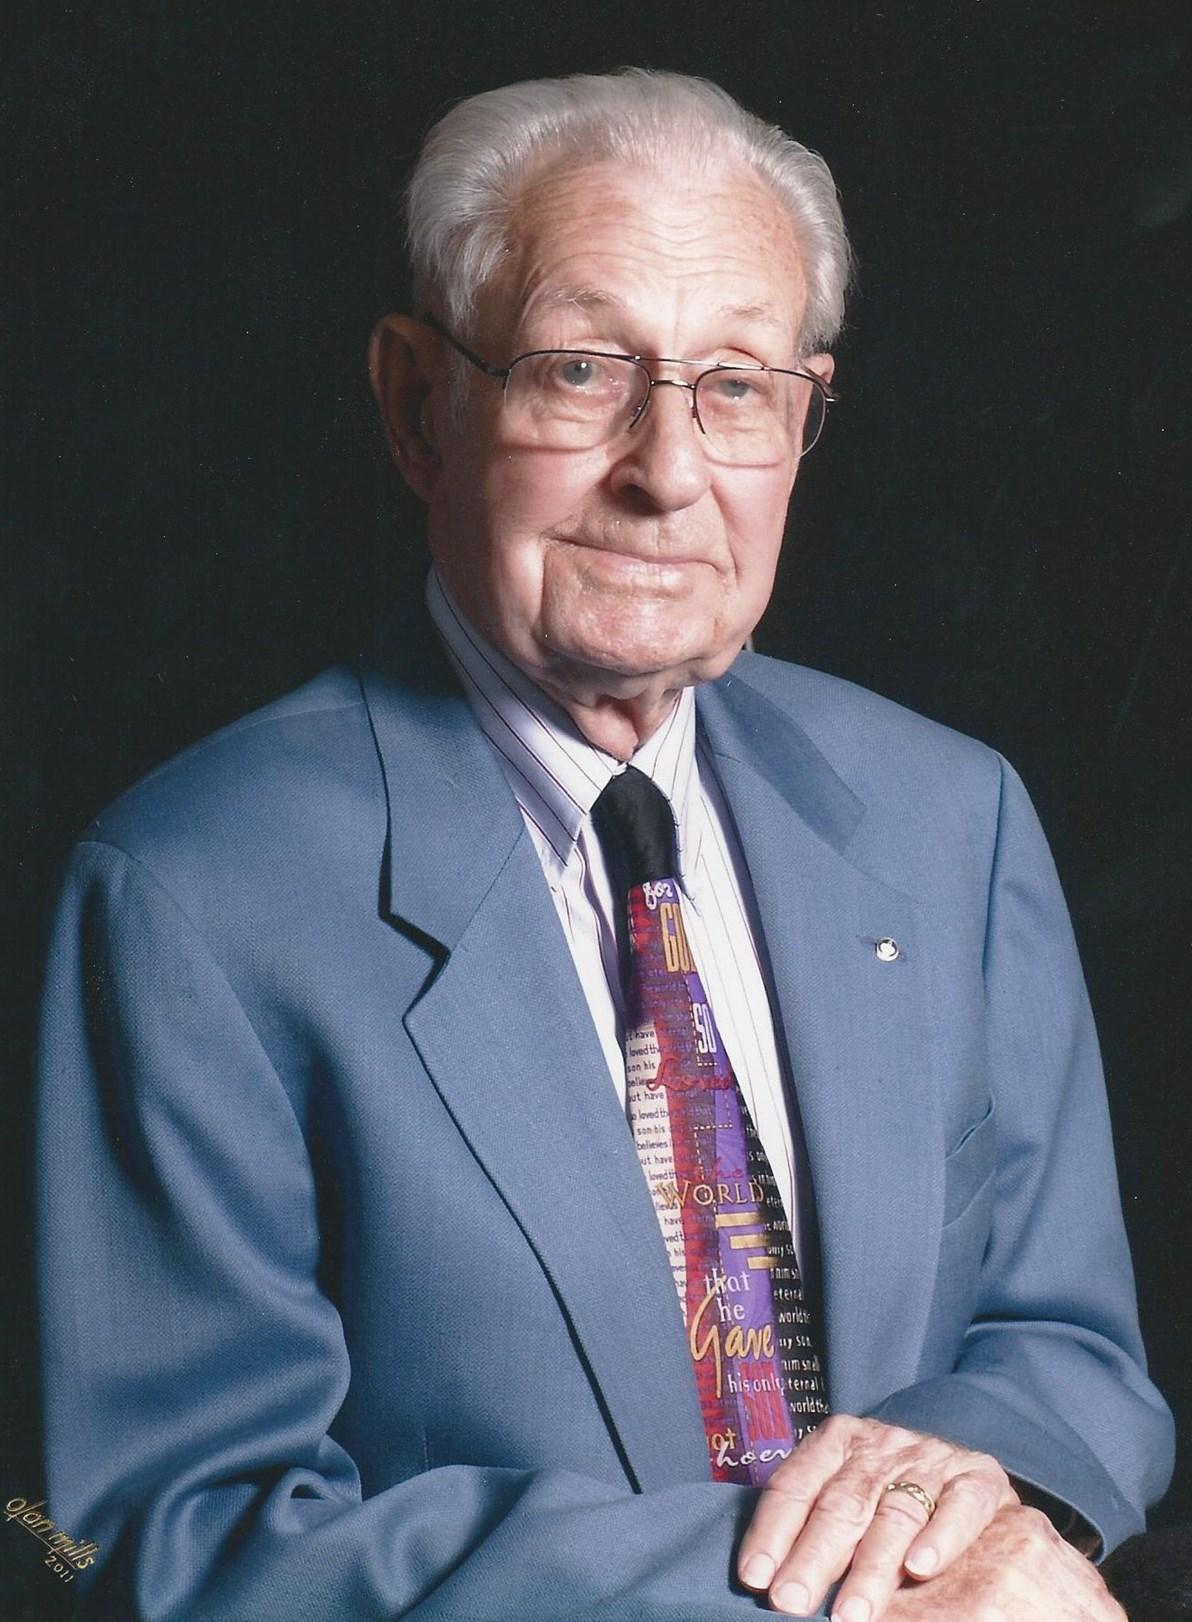 956b9f469f9 Ralph Emerson Seitsinger Obituary - El Paso